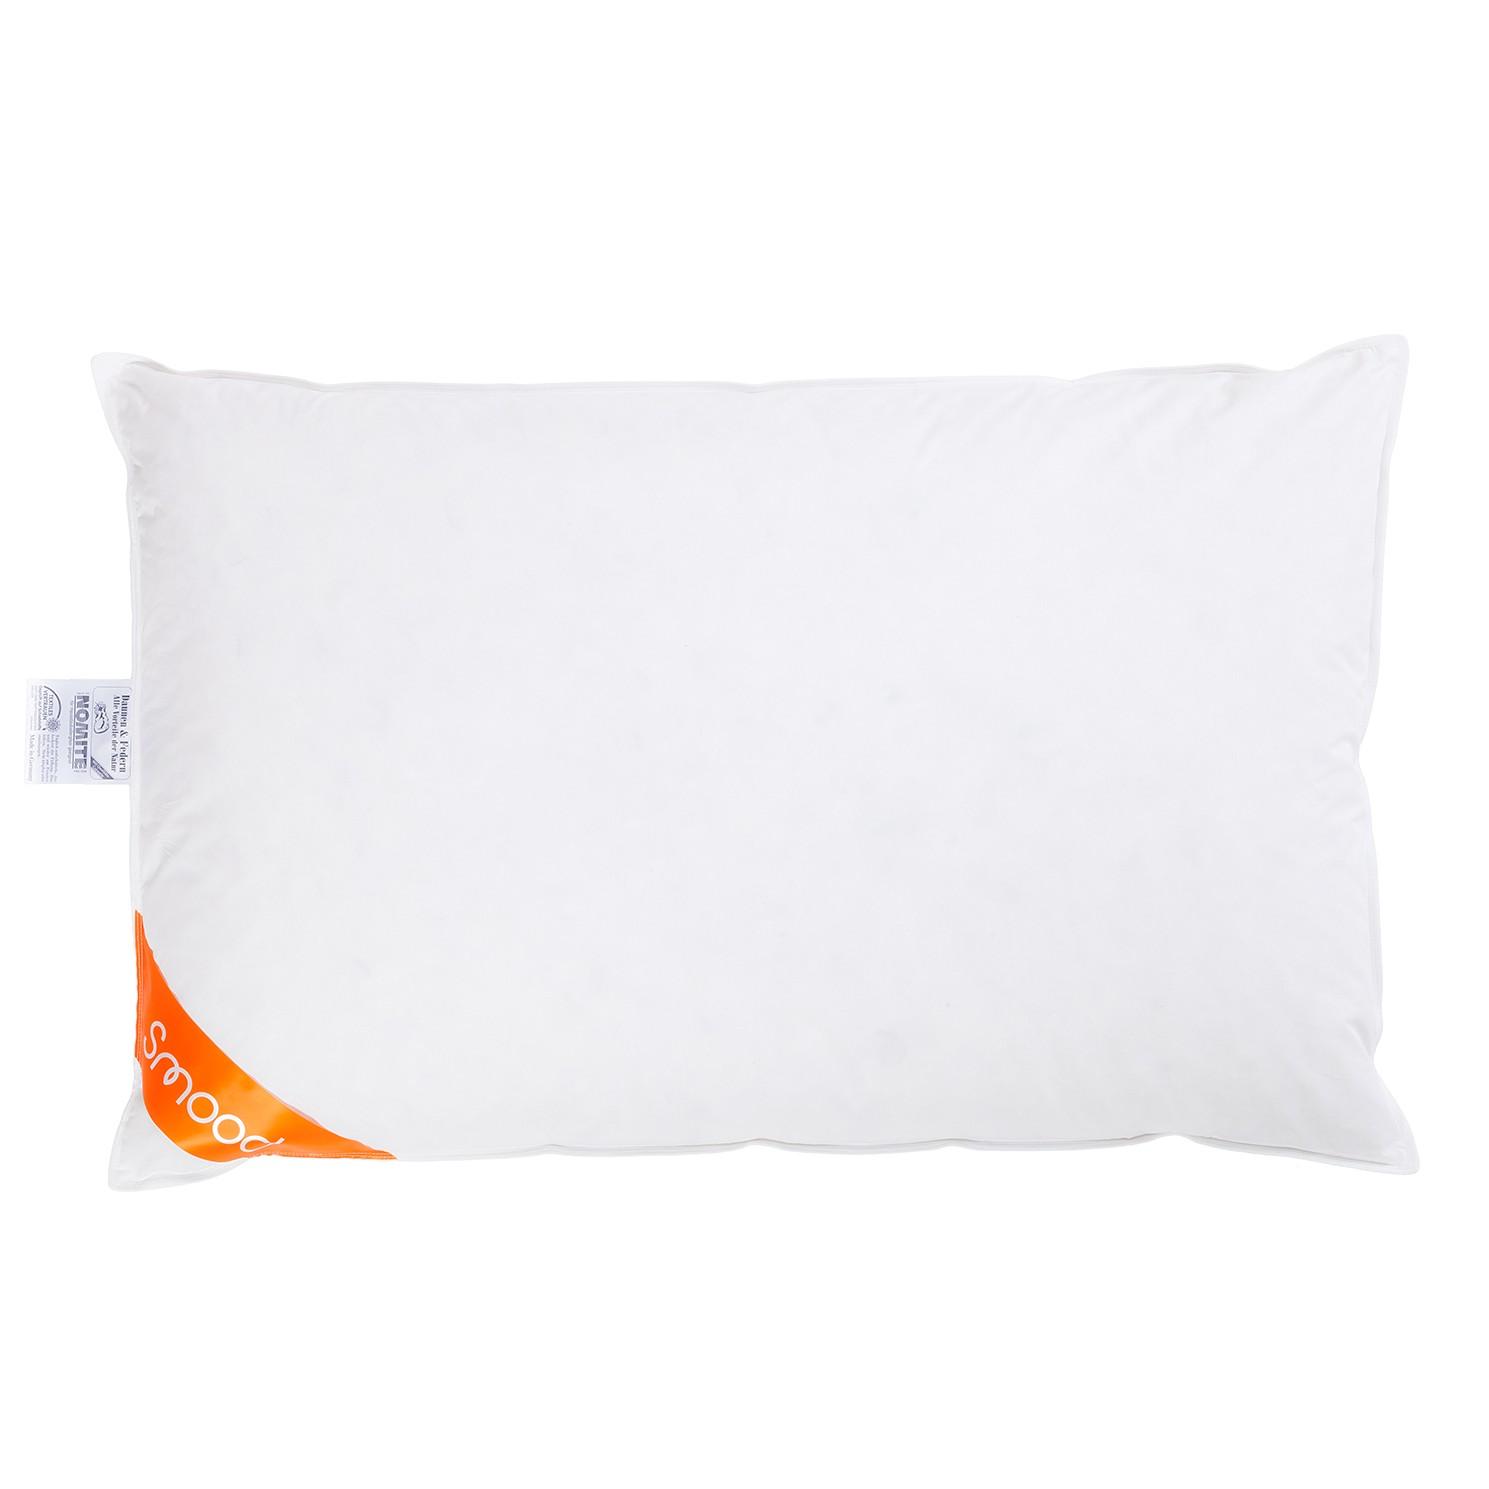 Hoofdkussen SMOOD - veren/dons - wit - 65x100cm, Smood